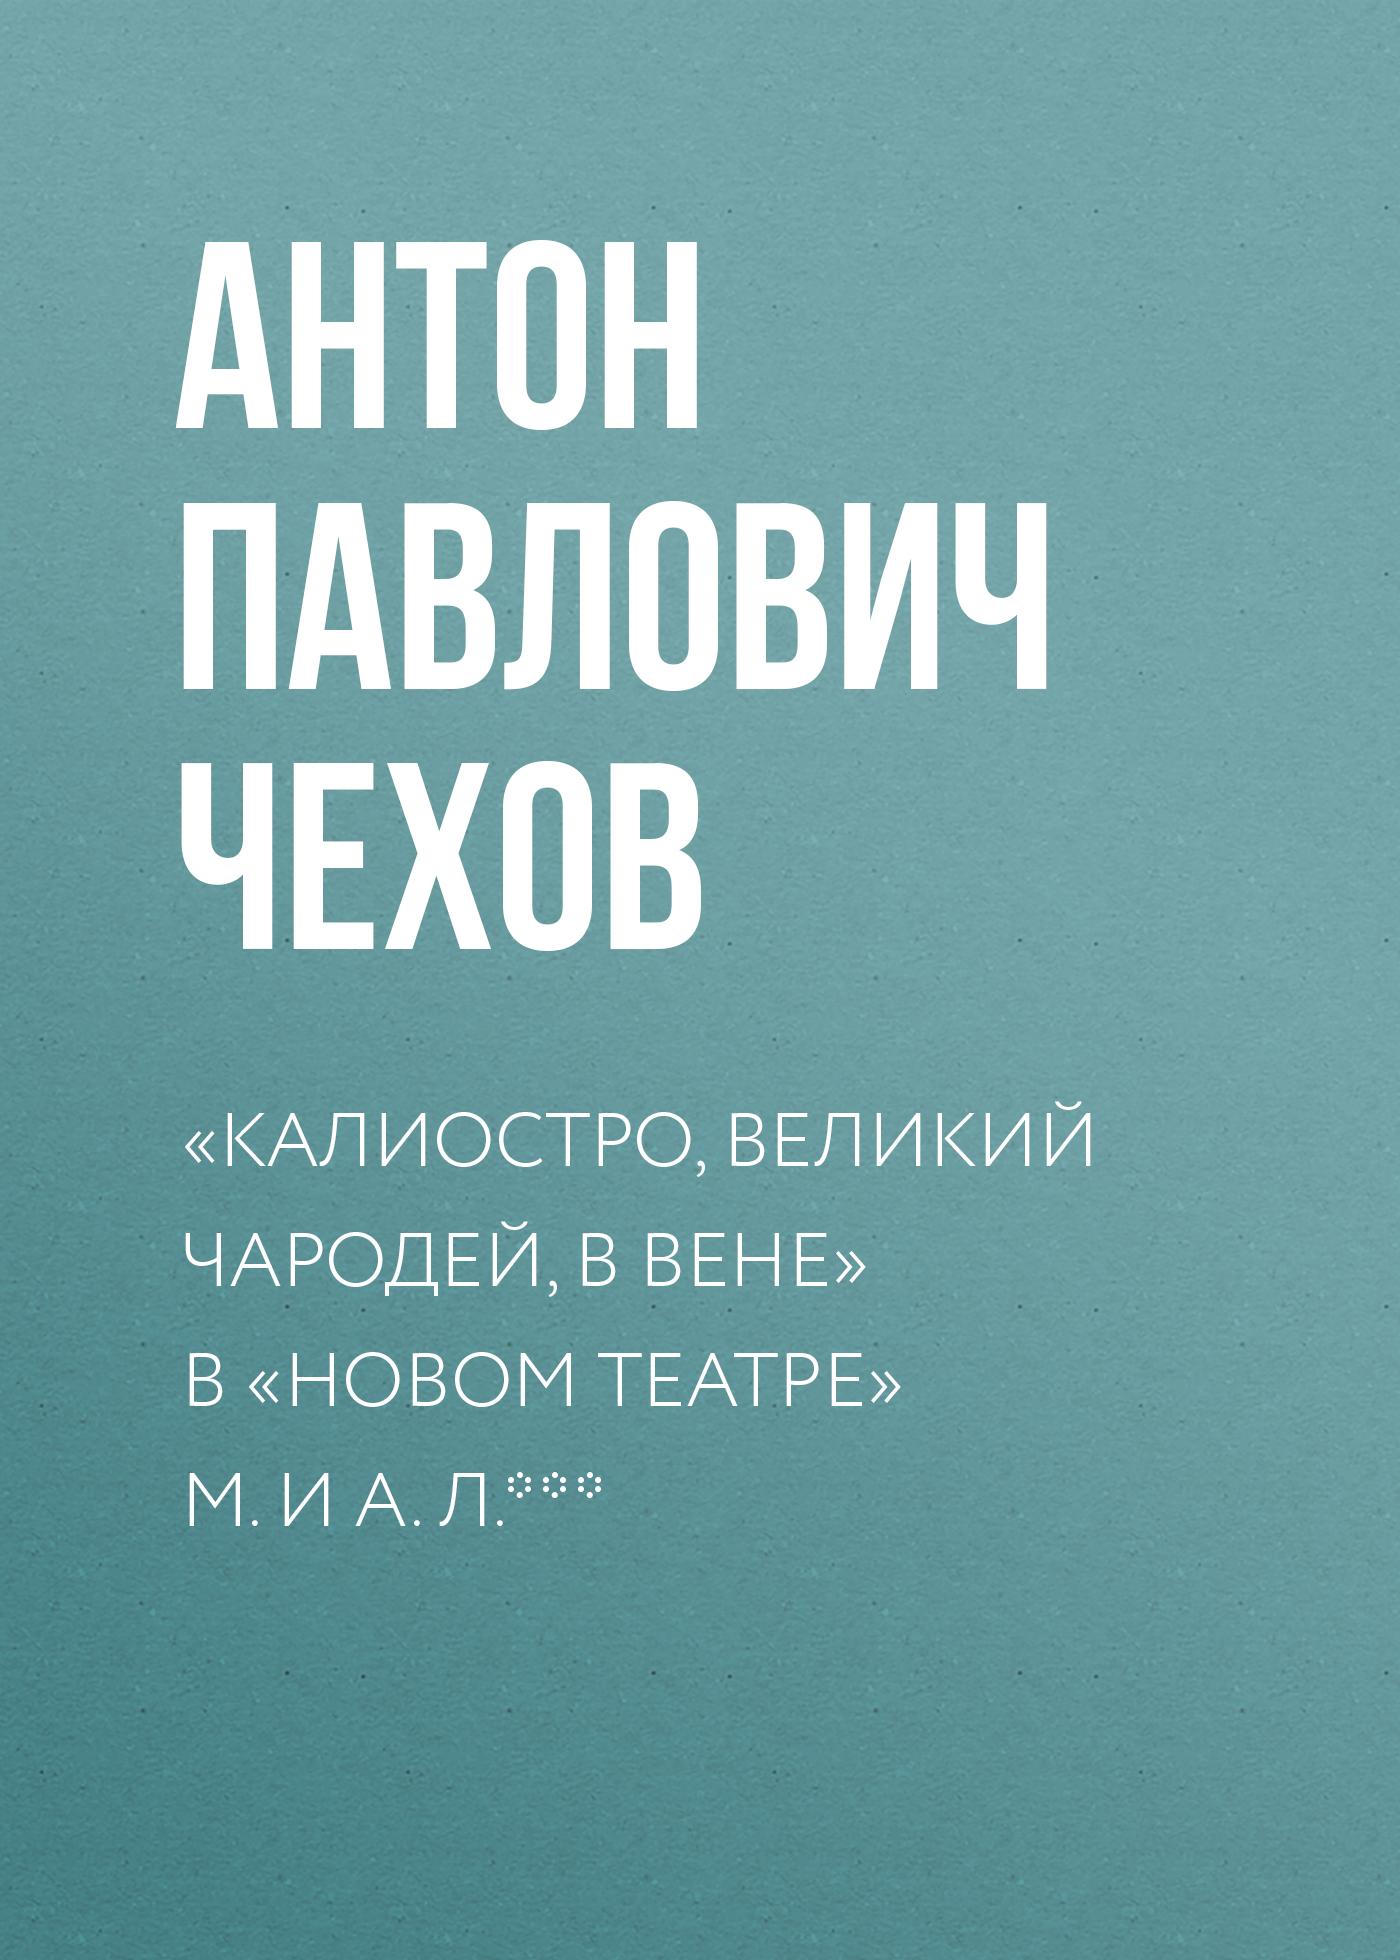 «Калиостро, великий чародей, в Вене» в «Новом театре» М. и А. Л. ***